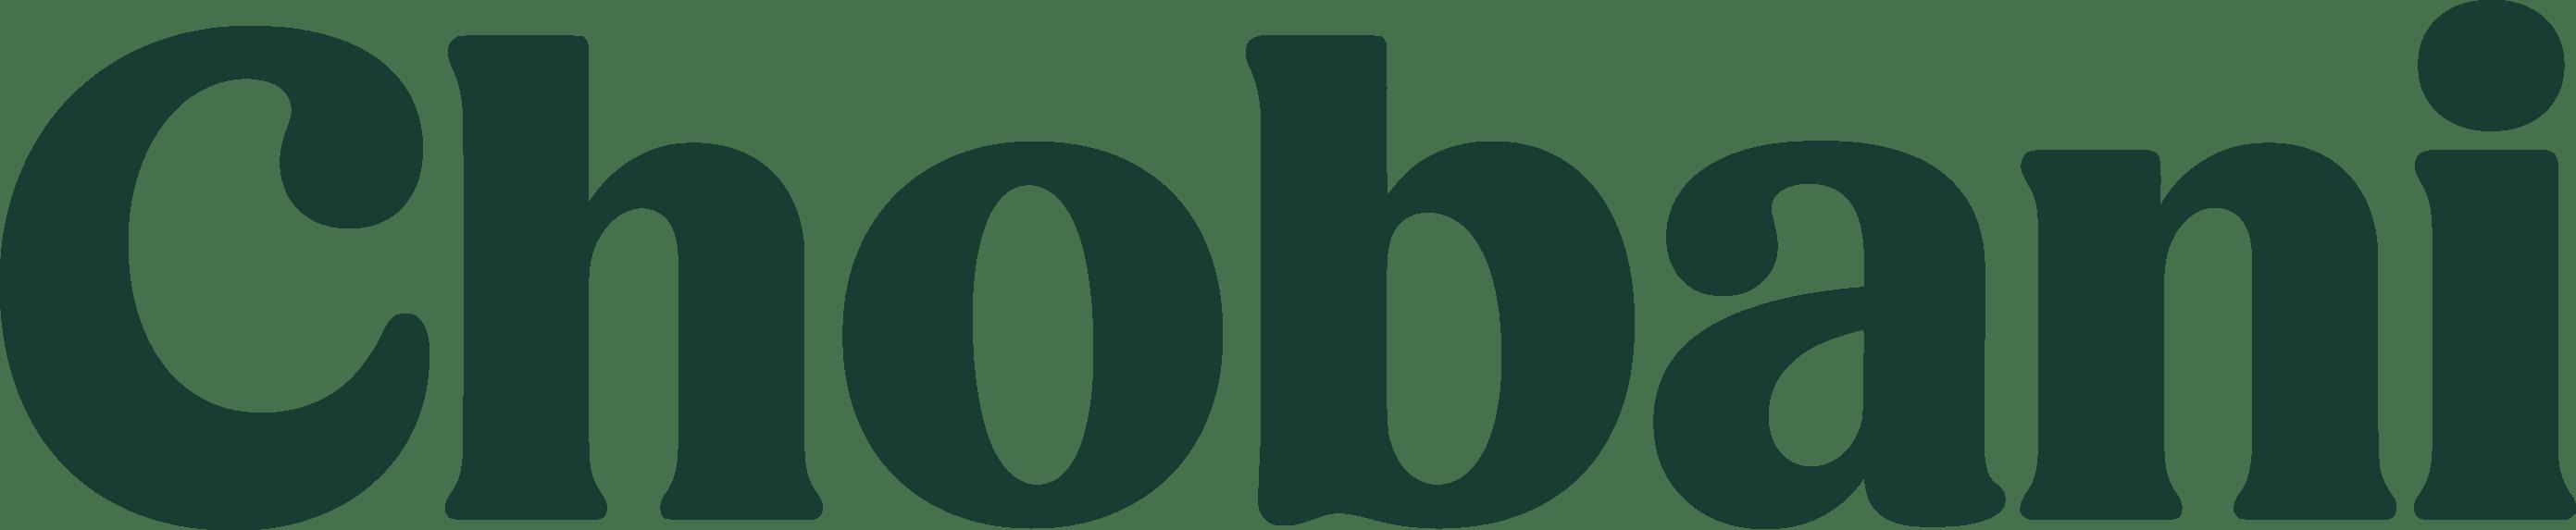 chobani-logo